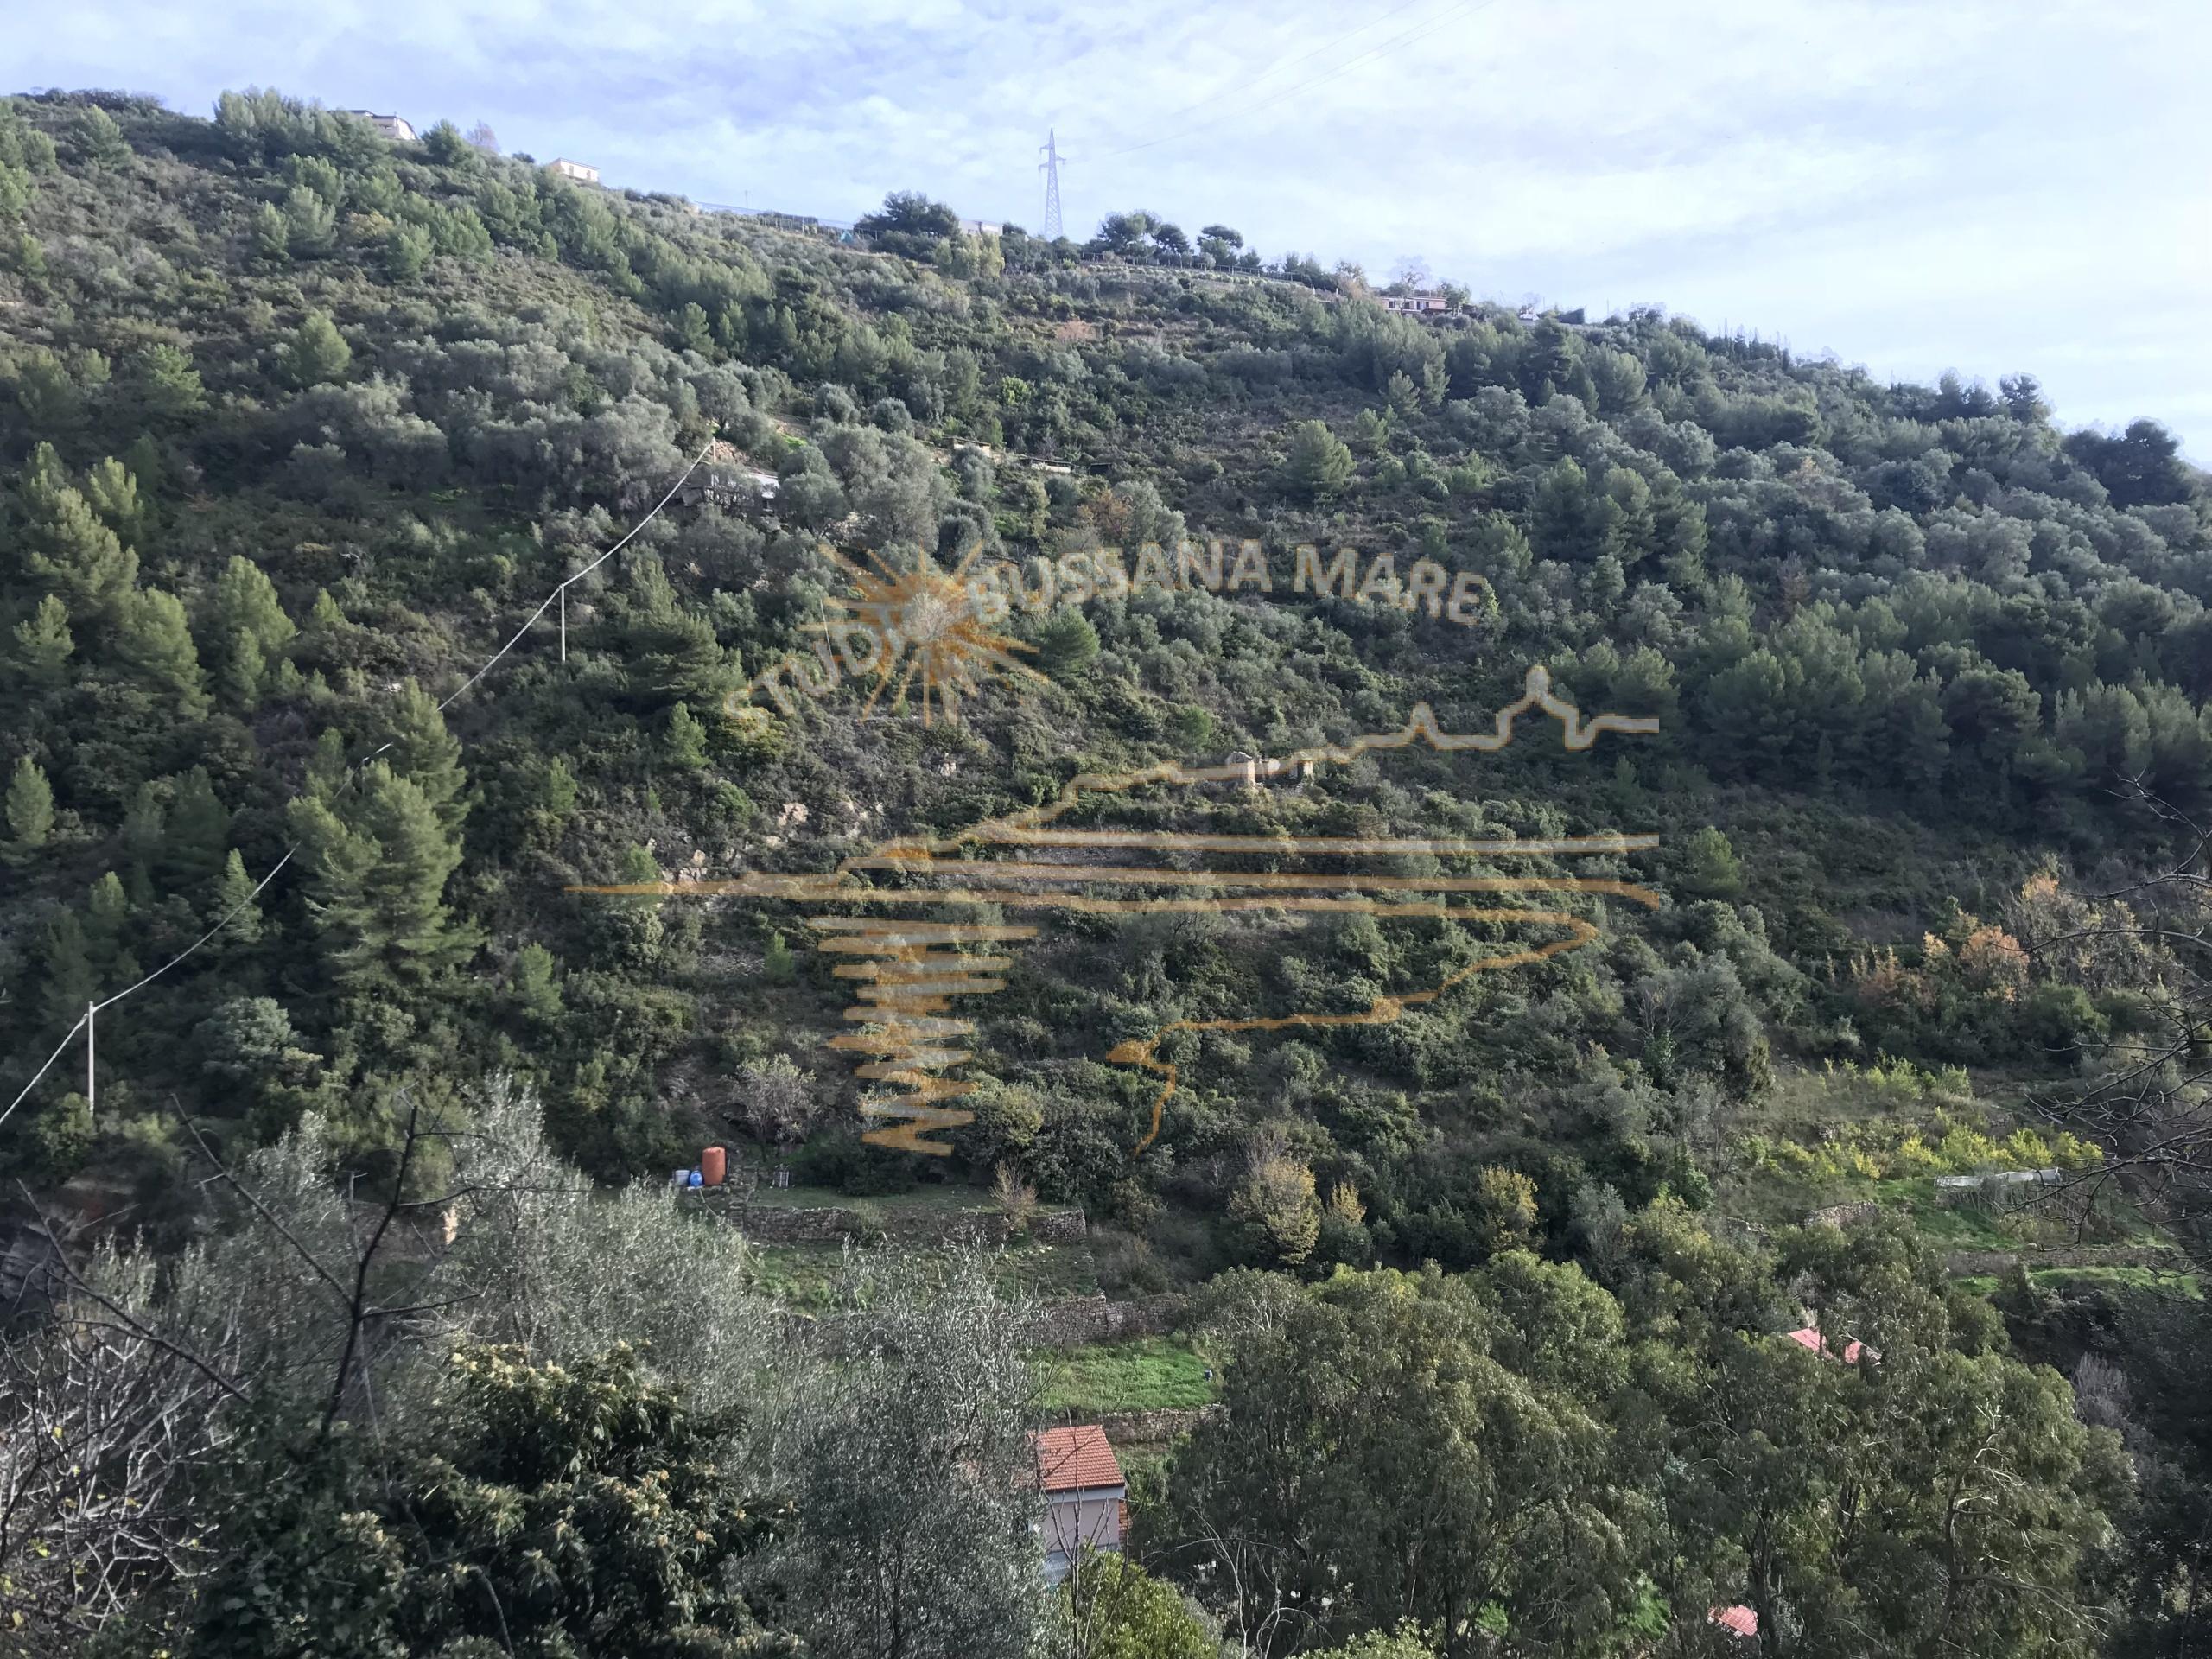 Semindipendente - Verezzo, Sanremo